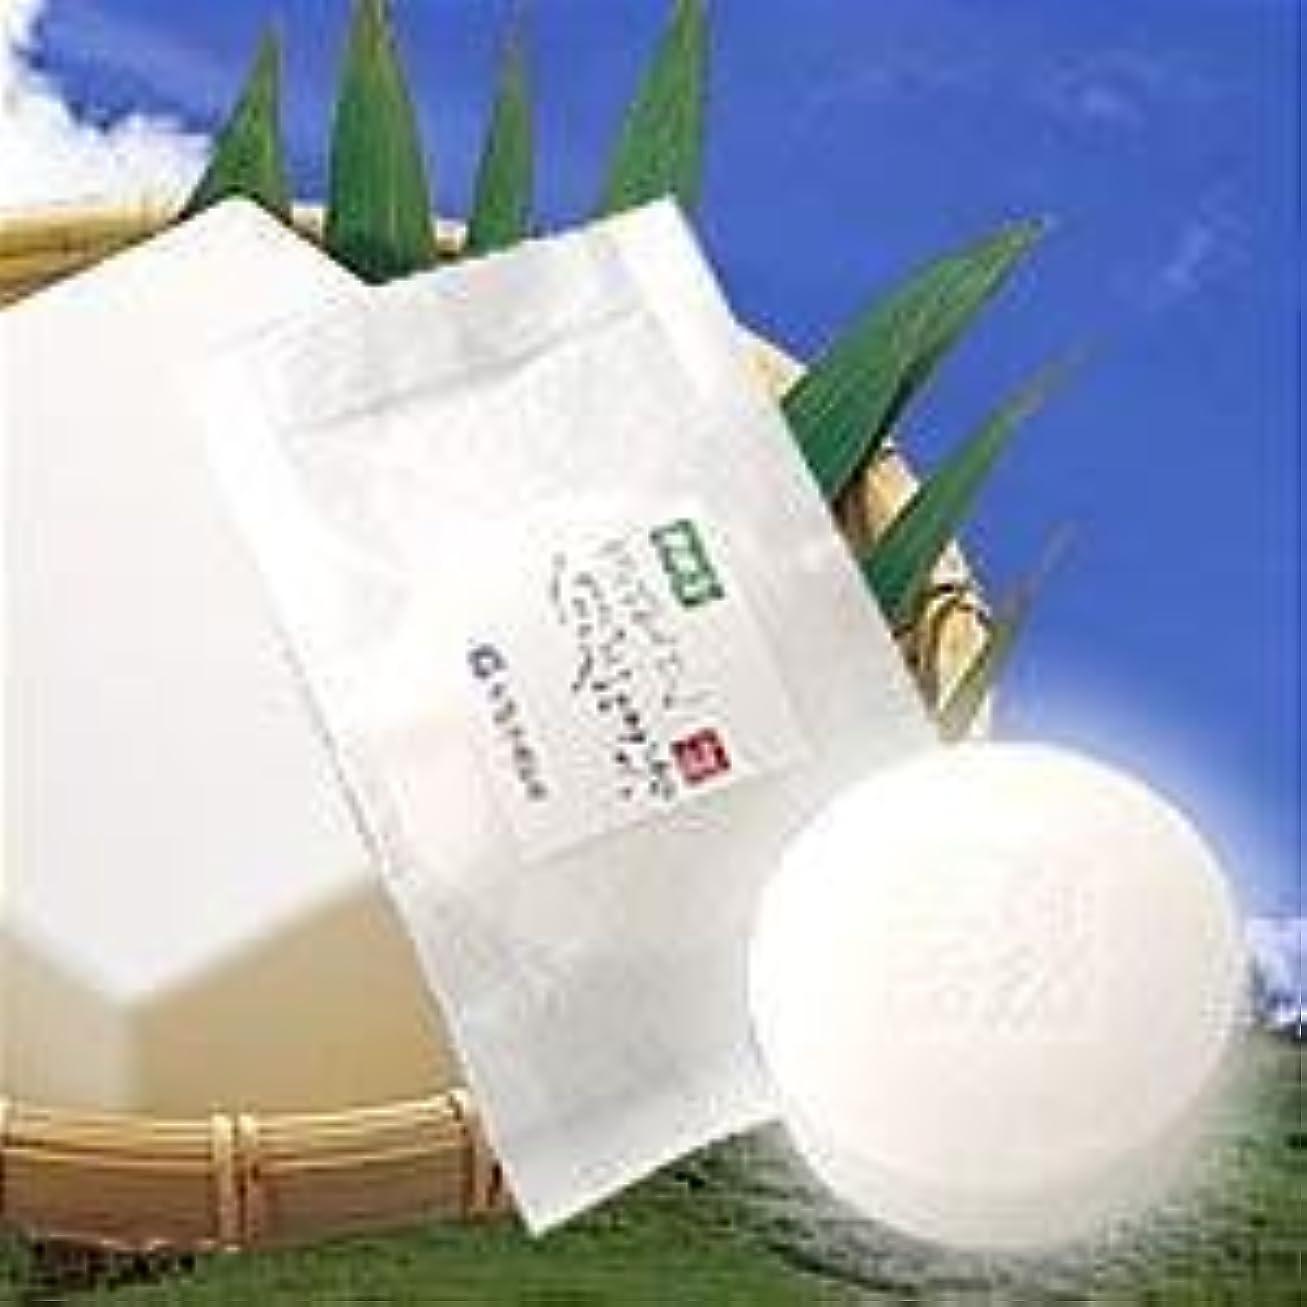 殺します敏感なポゴスティックジャンプ豆腐の盛田屋 豆乳せっけん 自然生活